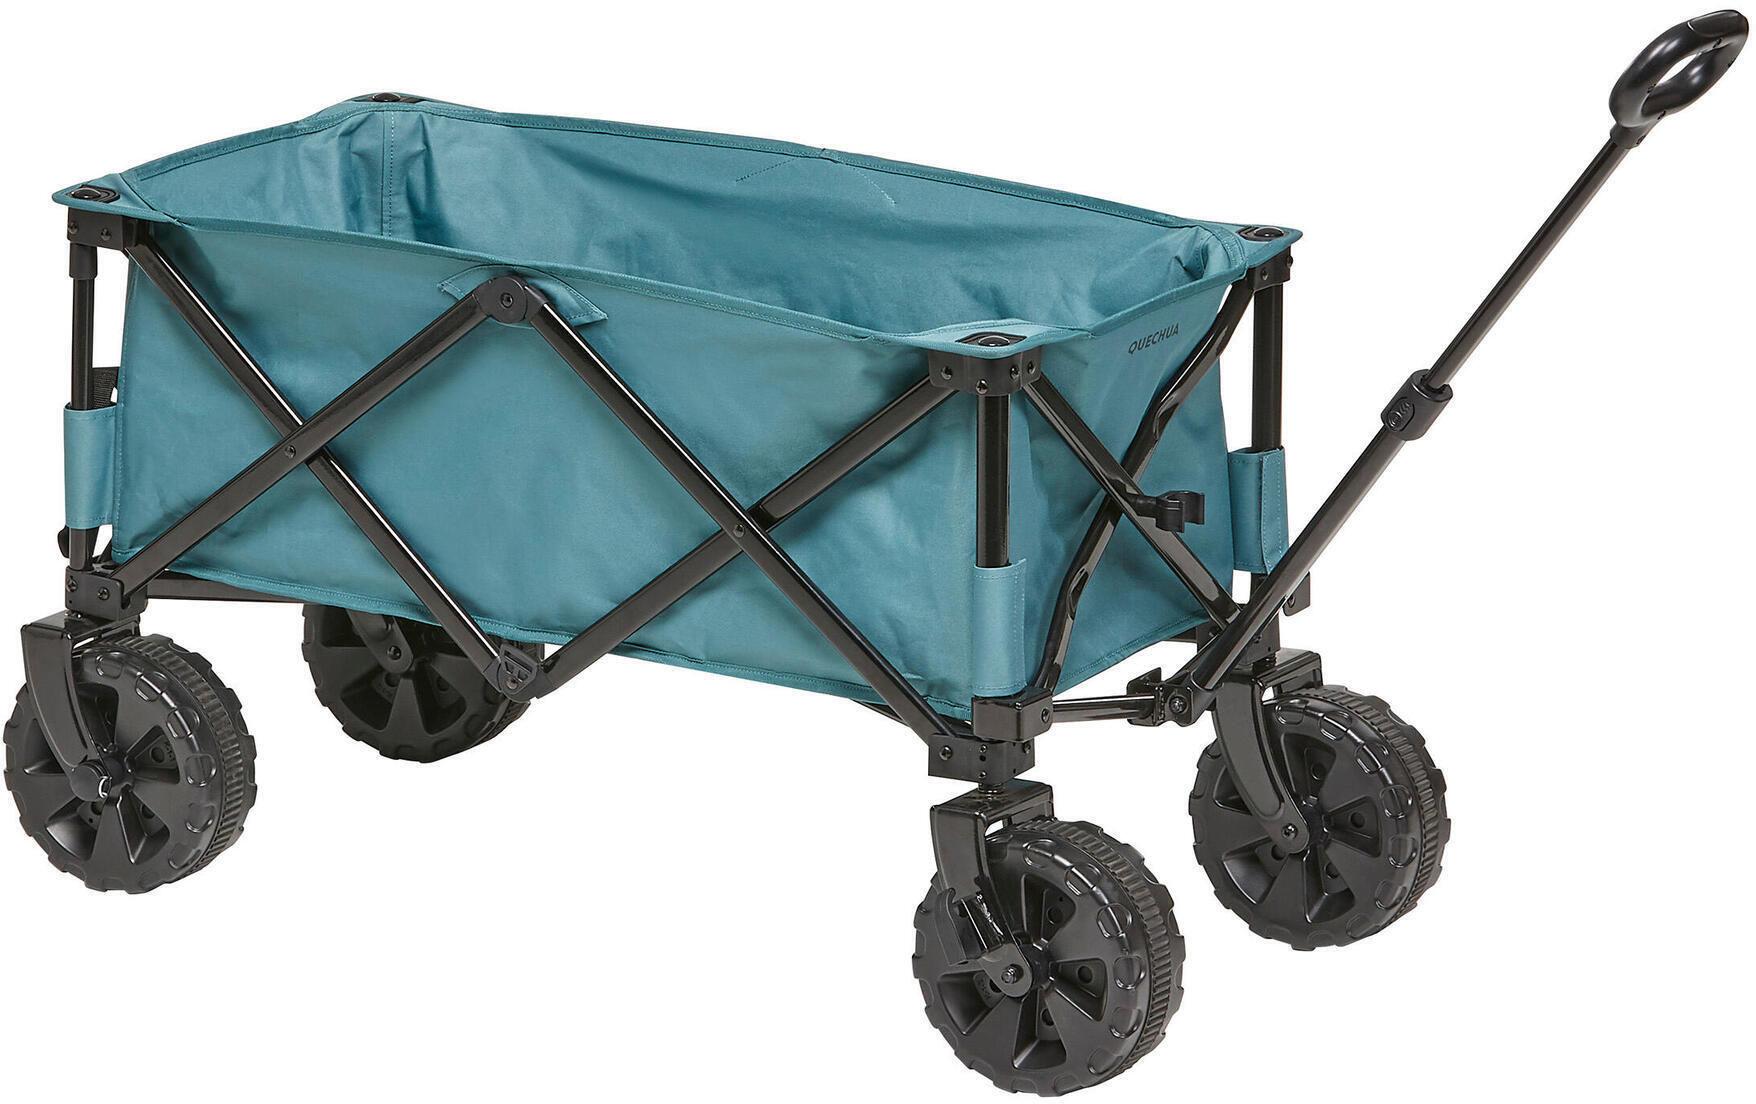 Wózek turystyczny do sprzętu kempingowego - TROLLEY ALL ROAD